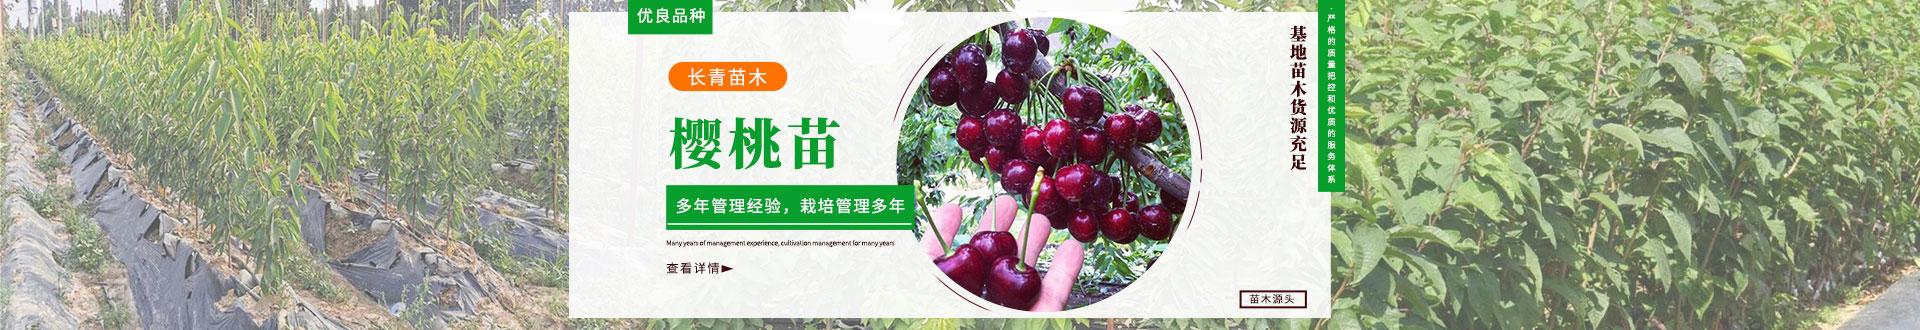 莱阳市樱桃苗木种植销售中心